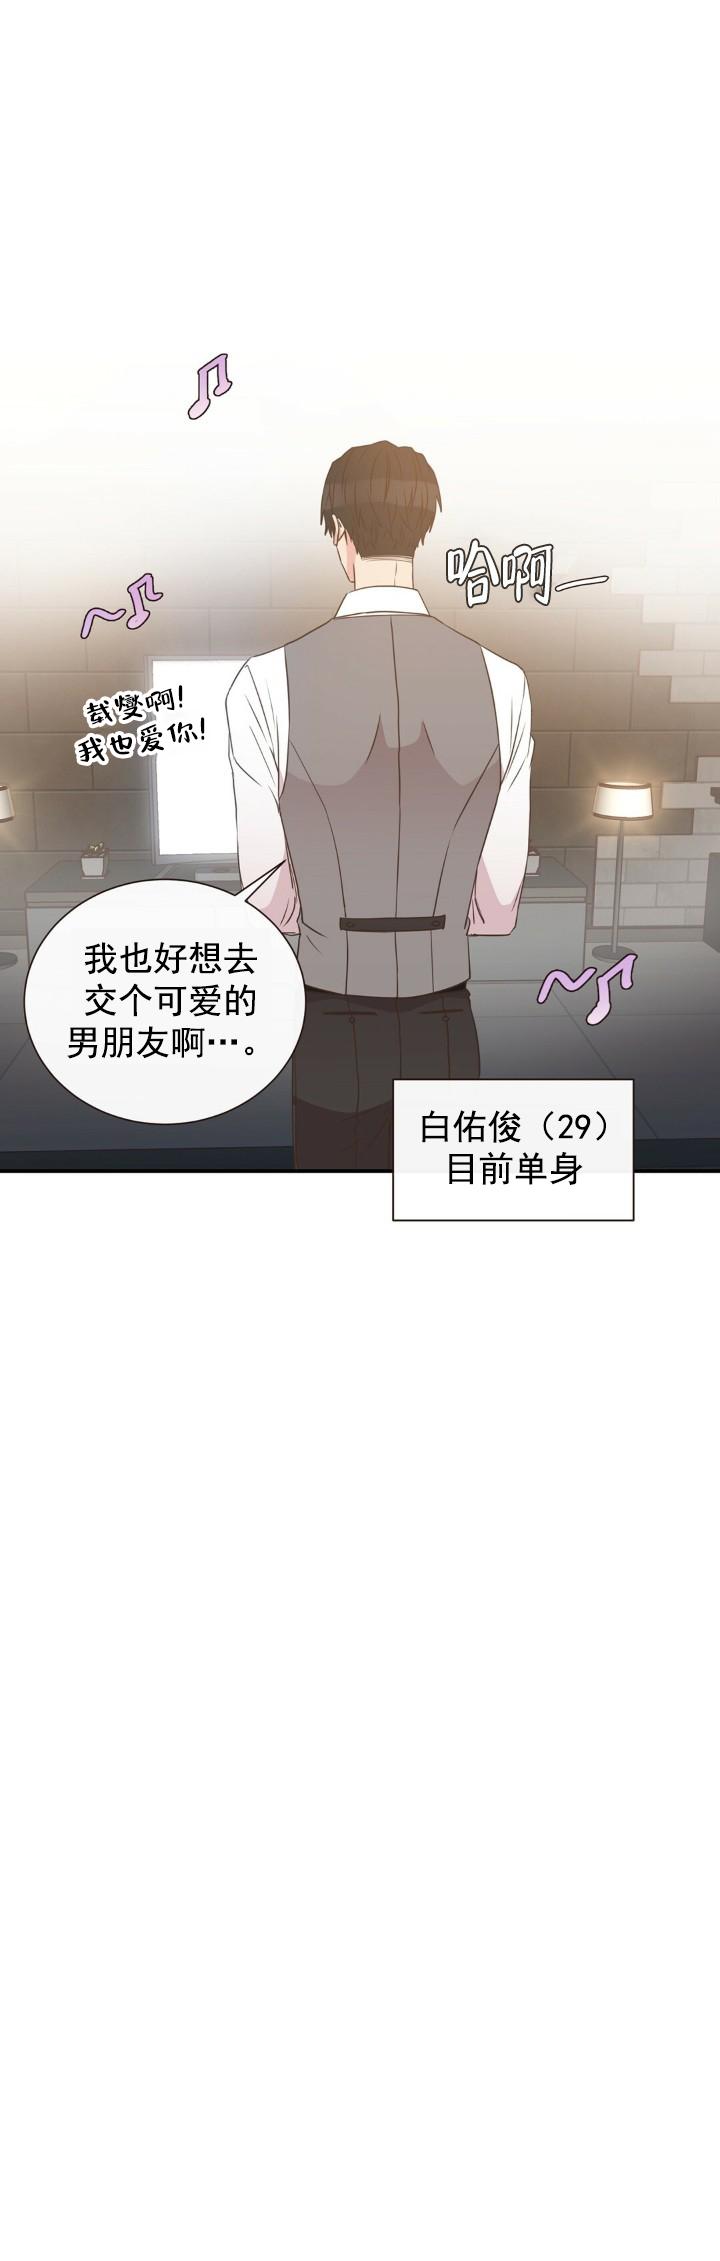 韩漫 |《脱单大作战》当恋爱小白遇上命中注定~甜心太可爱!  第6张